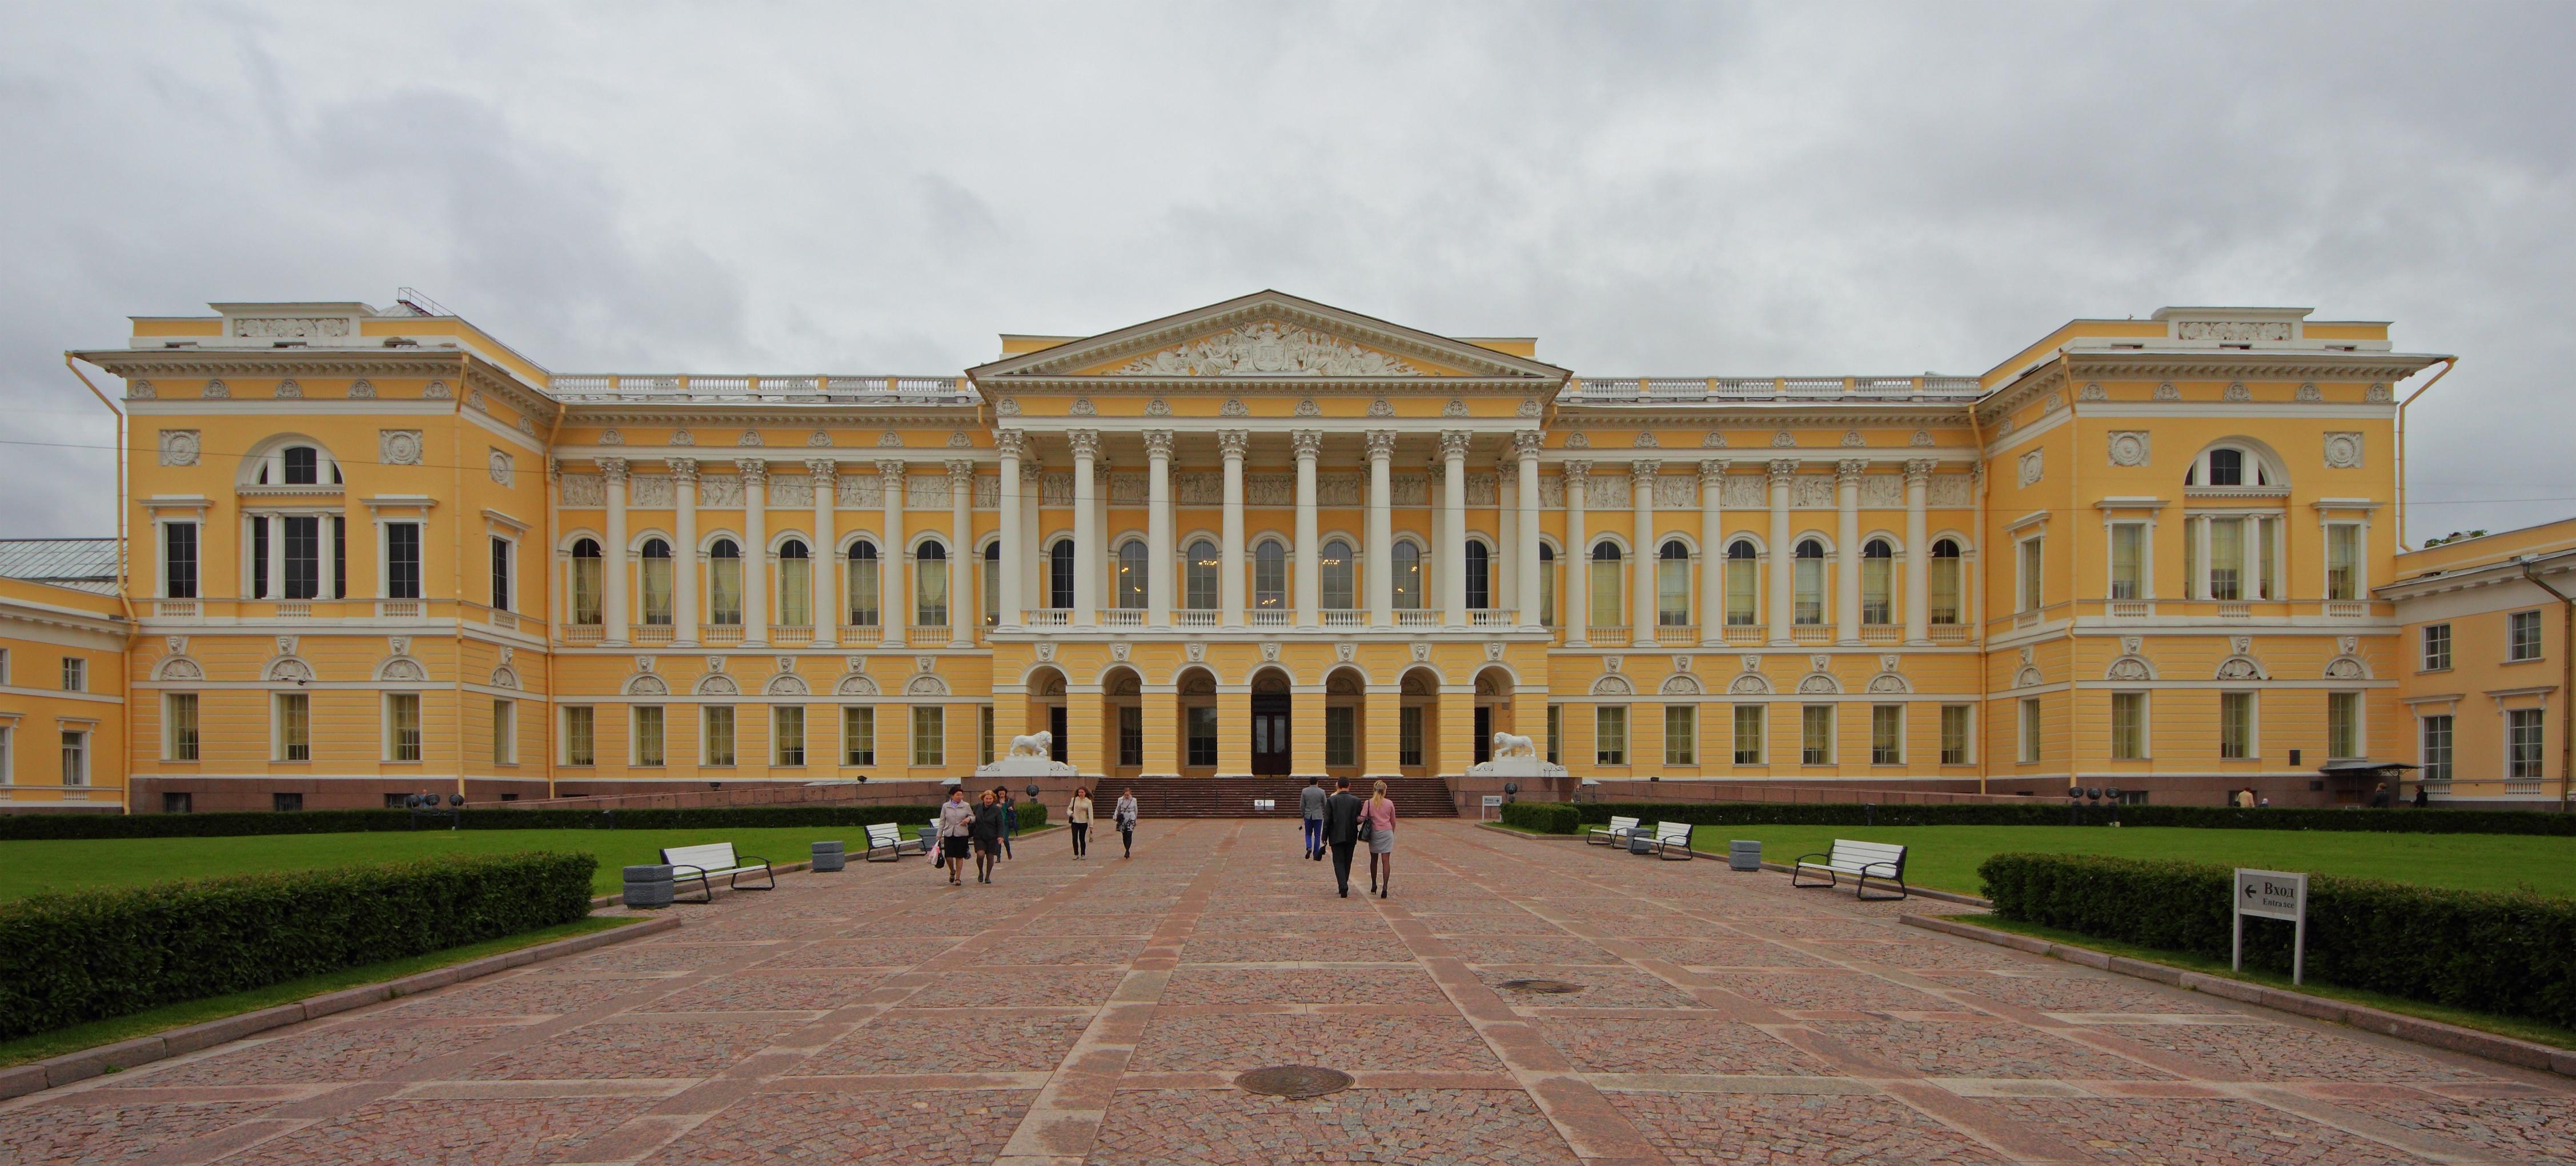 Объекты Русского музея - ЭГО-Система